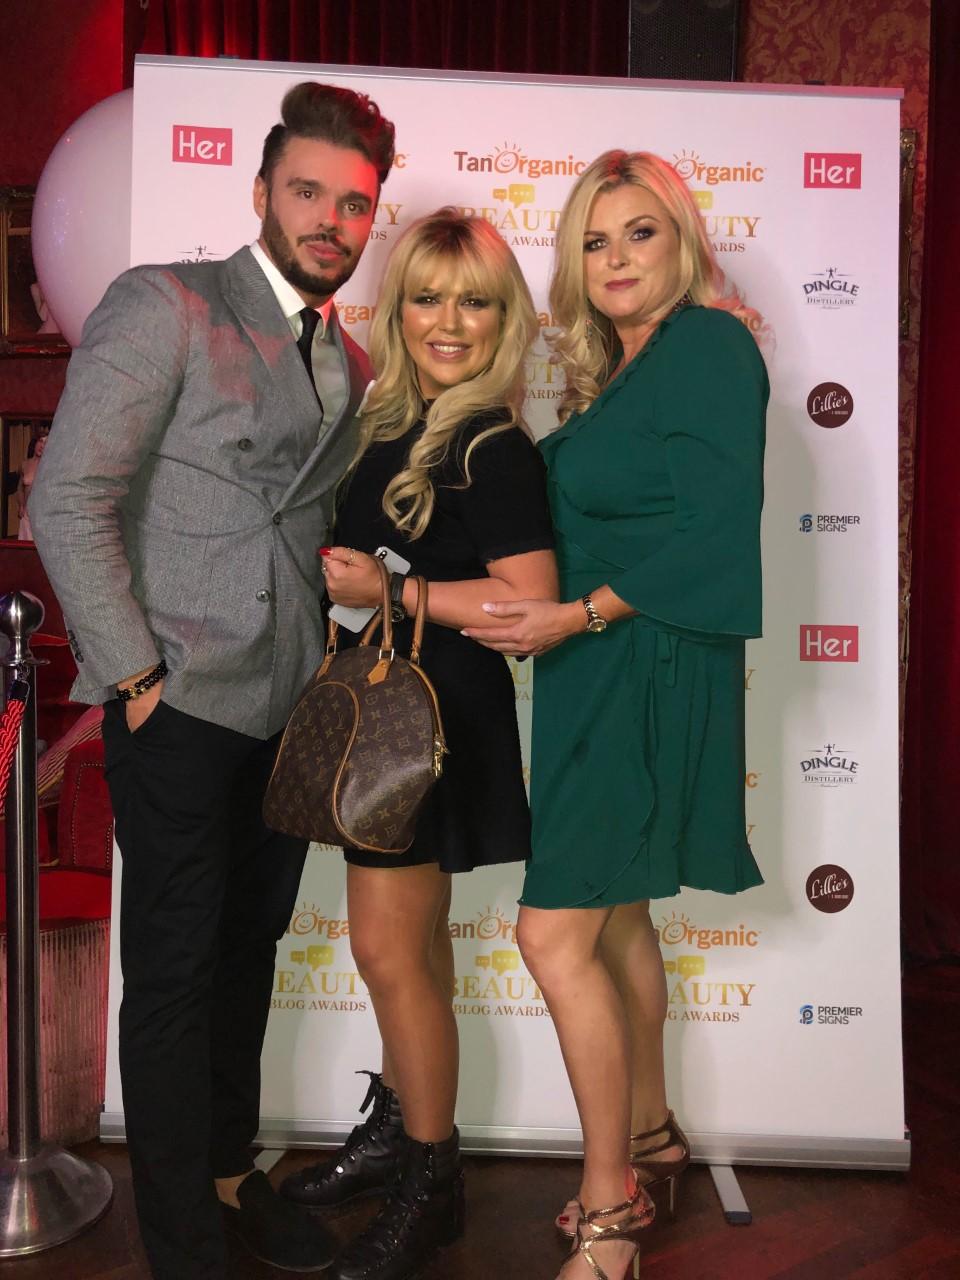 With Tara Denmark and Sharon Tucker at The Beauty Blog Awards